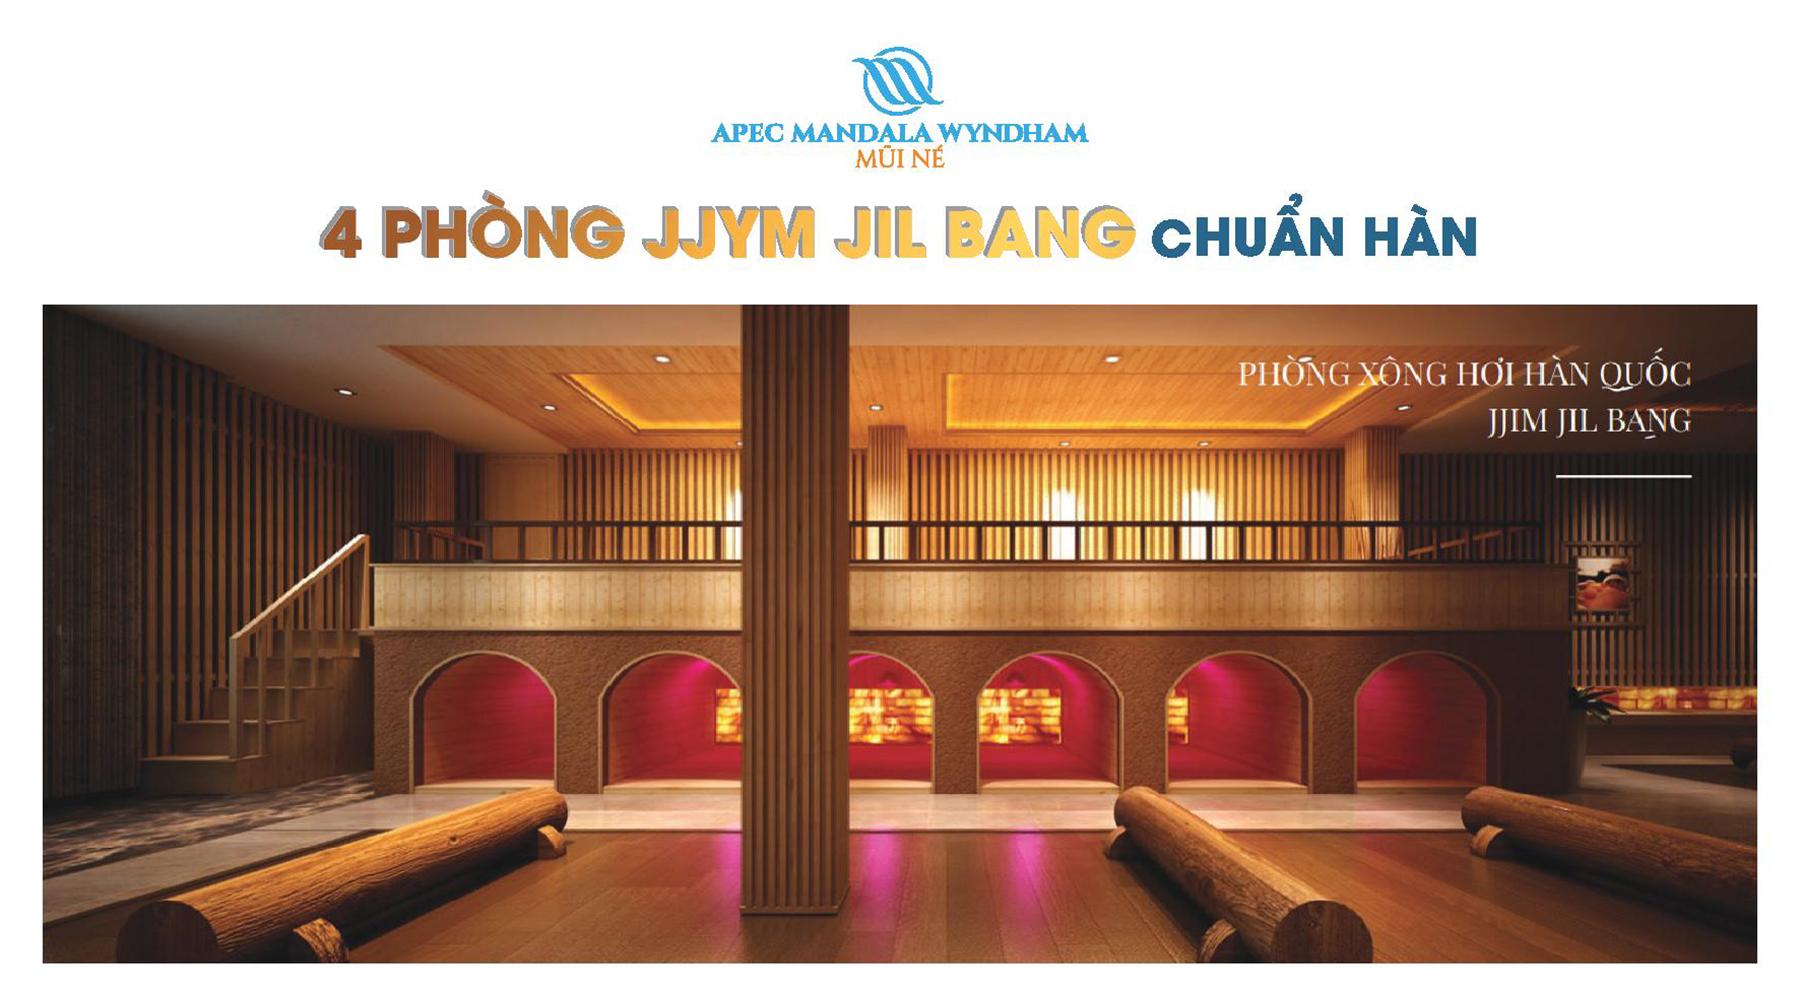 Tiện ích dự án Apec Mandala Wyndham Mũi Né phòng JJym Jil Bang